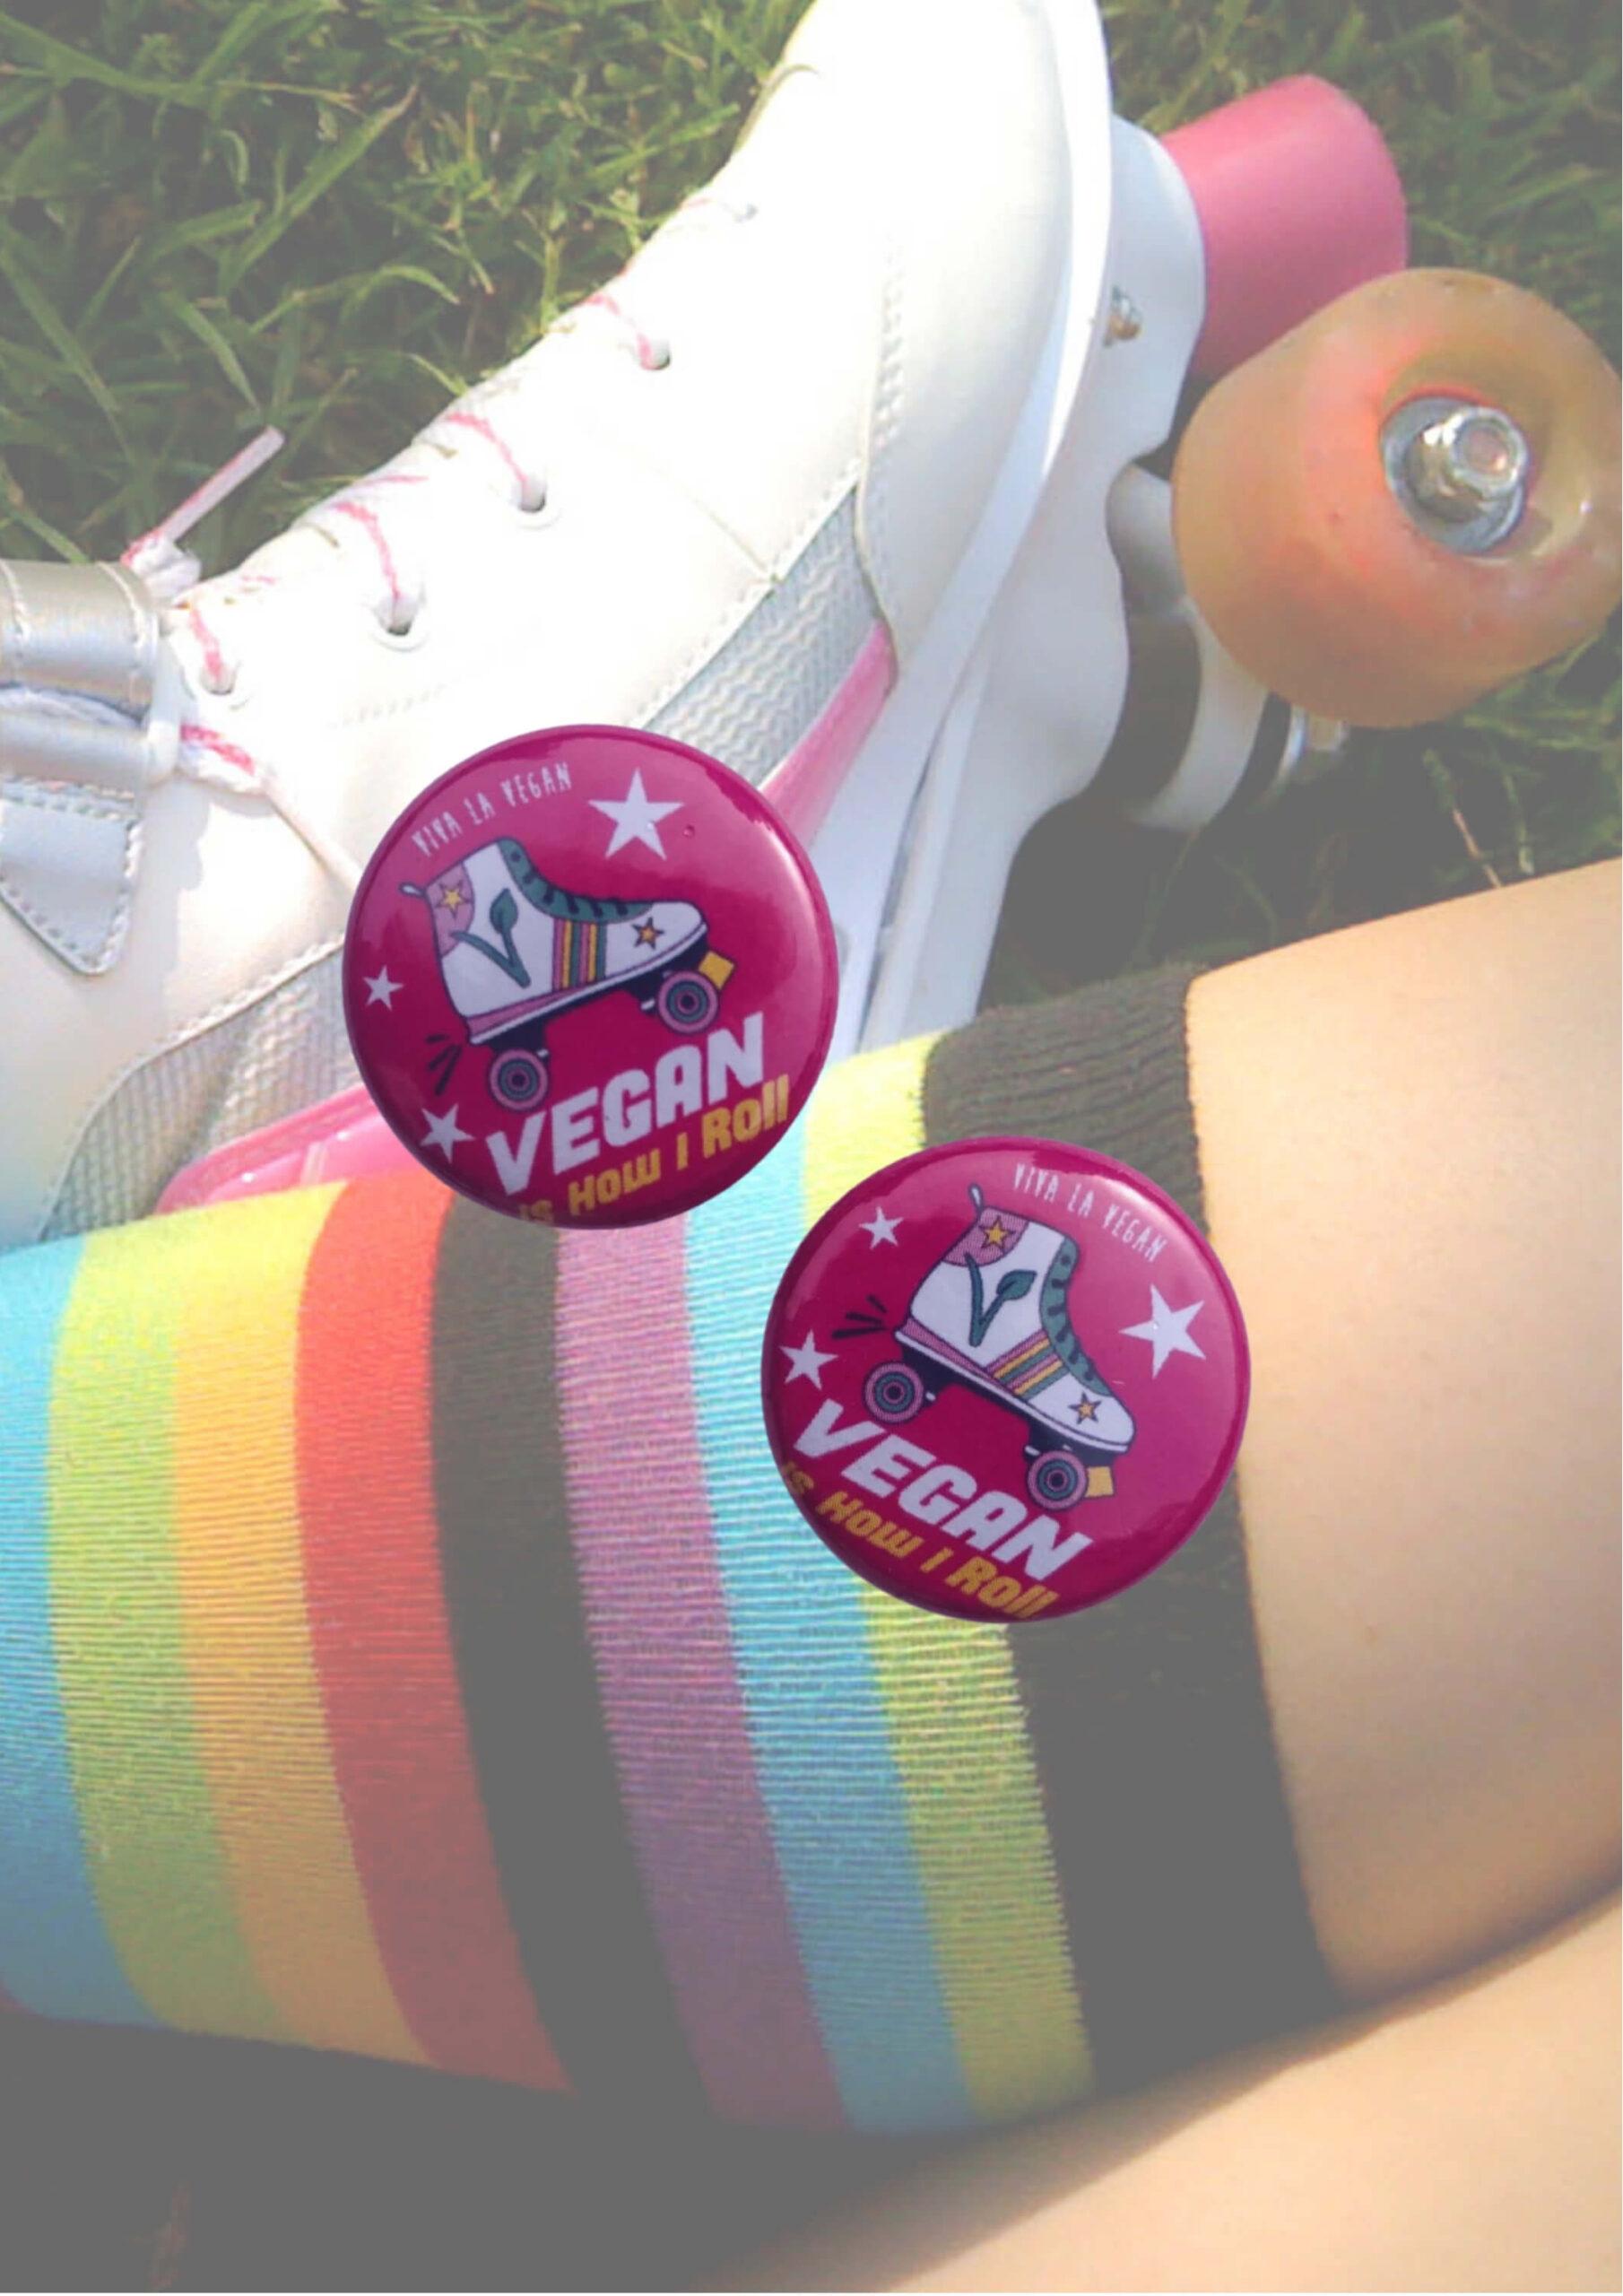 Vegan Skater 25mm Badge, Vegan This is how I roll by eco-ethical brand Viva La Vegan